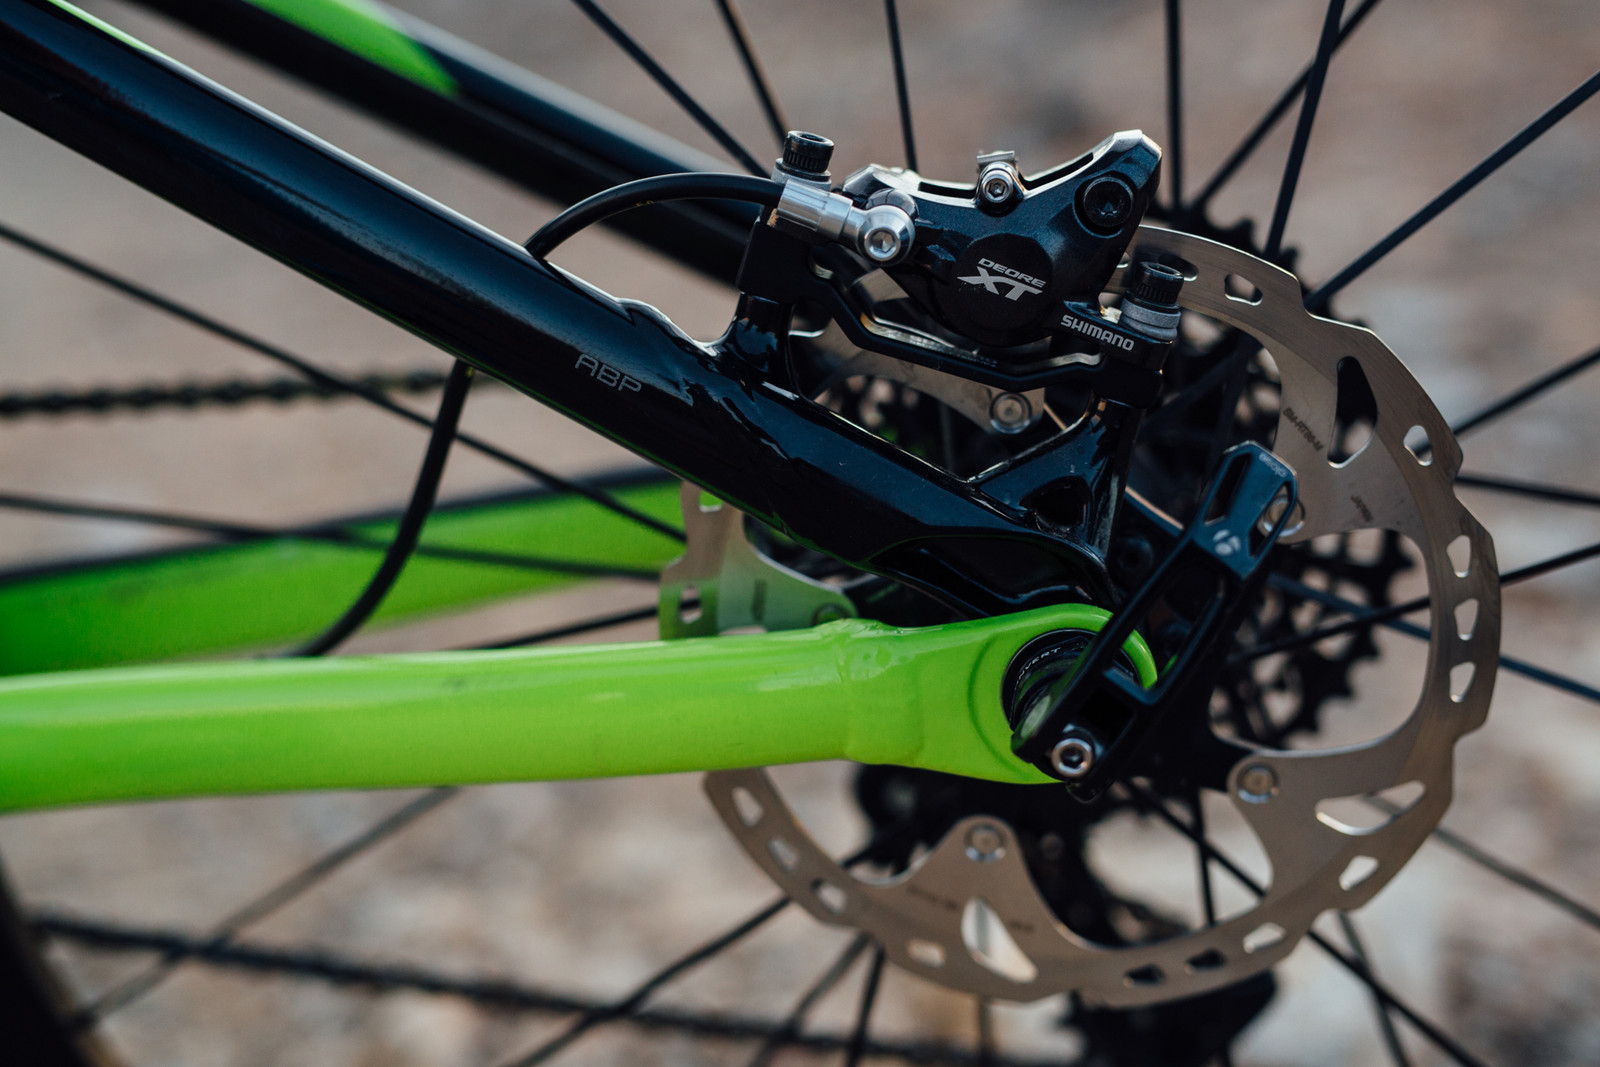 Trek Fuel EX 9 29 - 2016 Vital MTB Test Sessions - Trek Fuel EX 9 29 - 2016 Vital MTB Test Sessions - Mountain Biking Pictures - Vital MTB